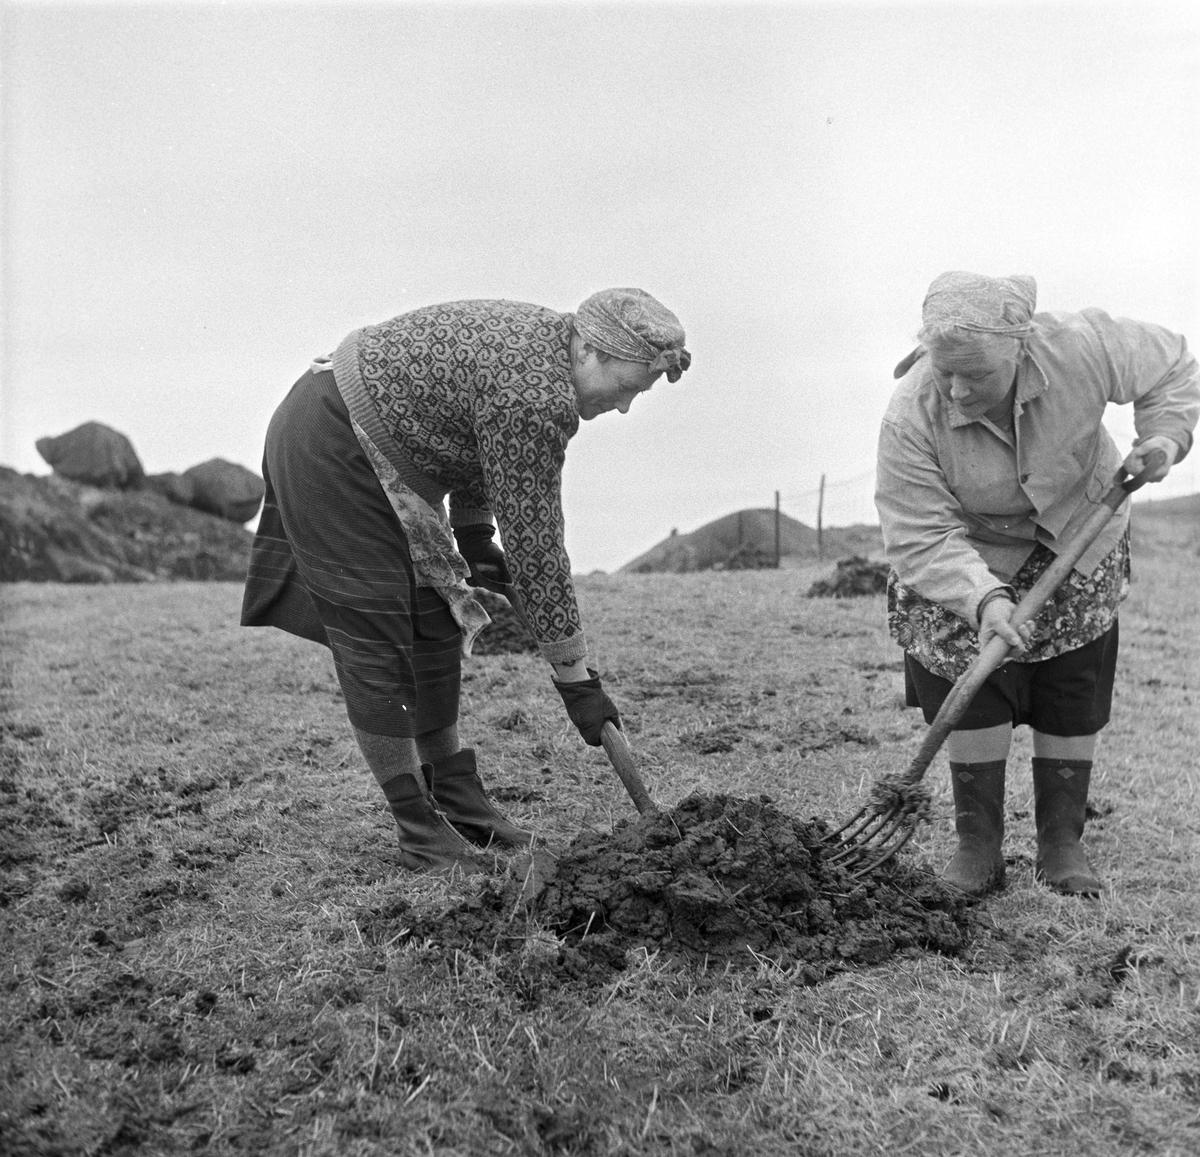 Jæren, 01.04.1957, våronna er i gang. To kvinner graver i jorda.